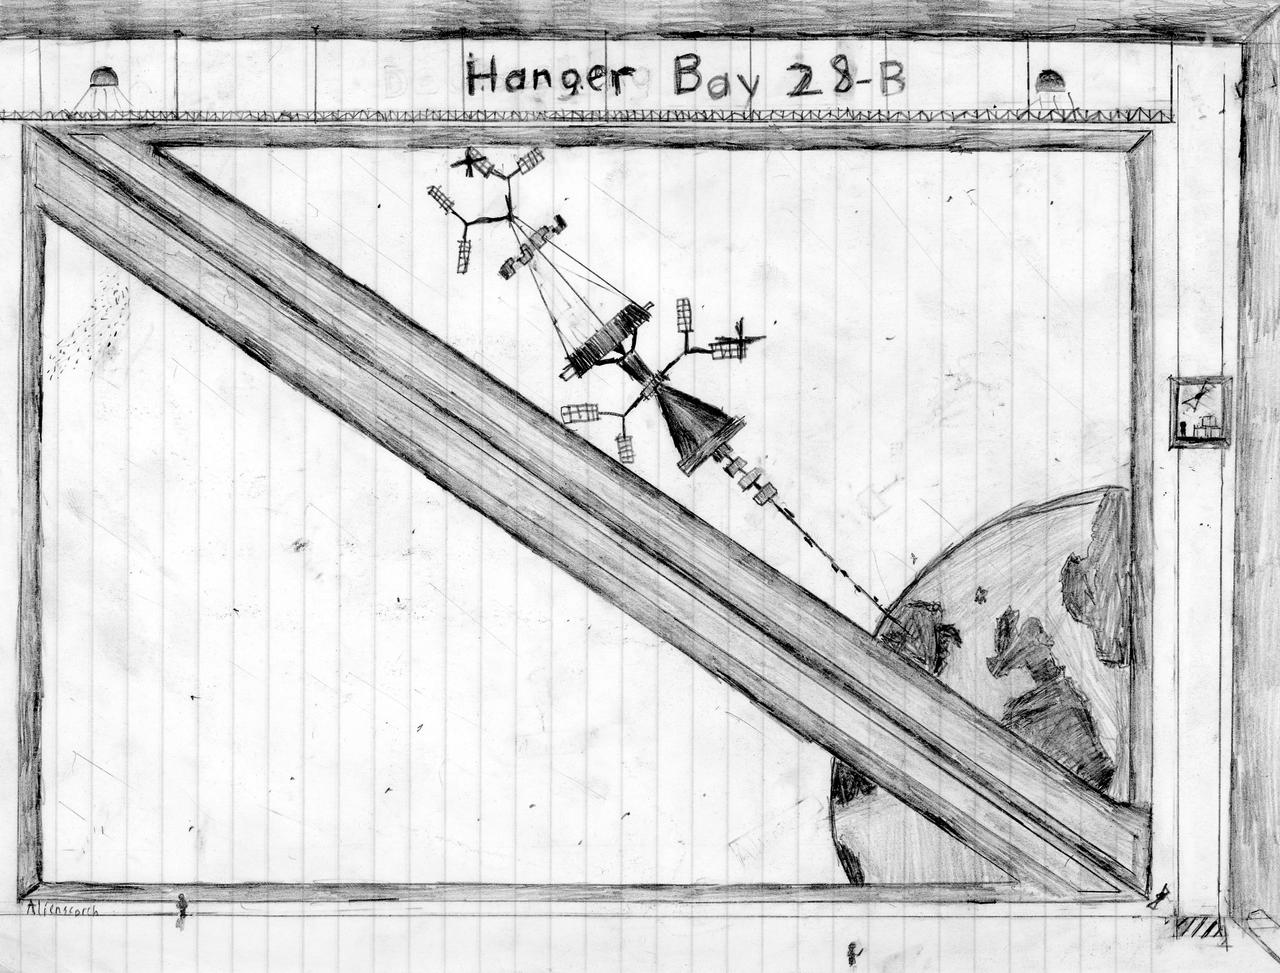 Hangar bay 28-B by alienscorch